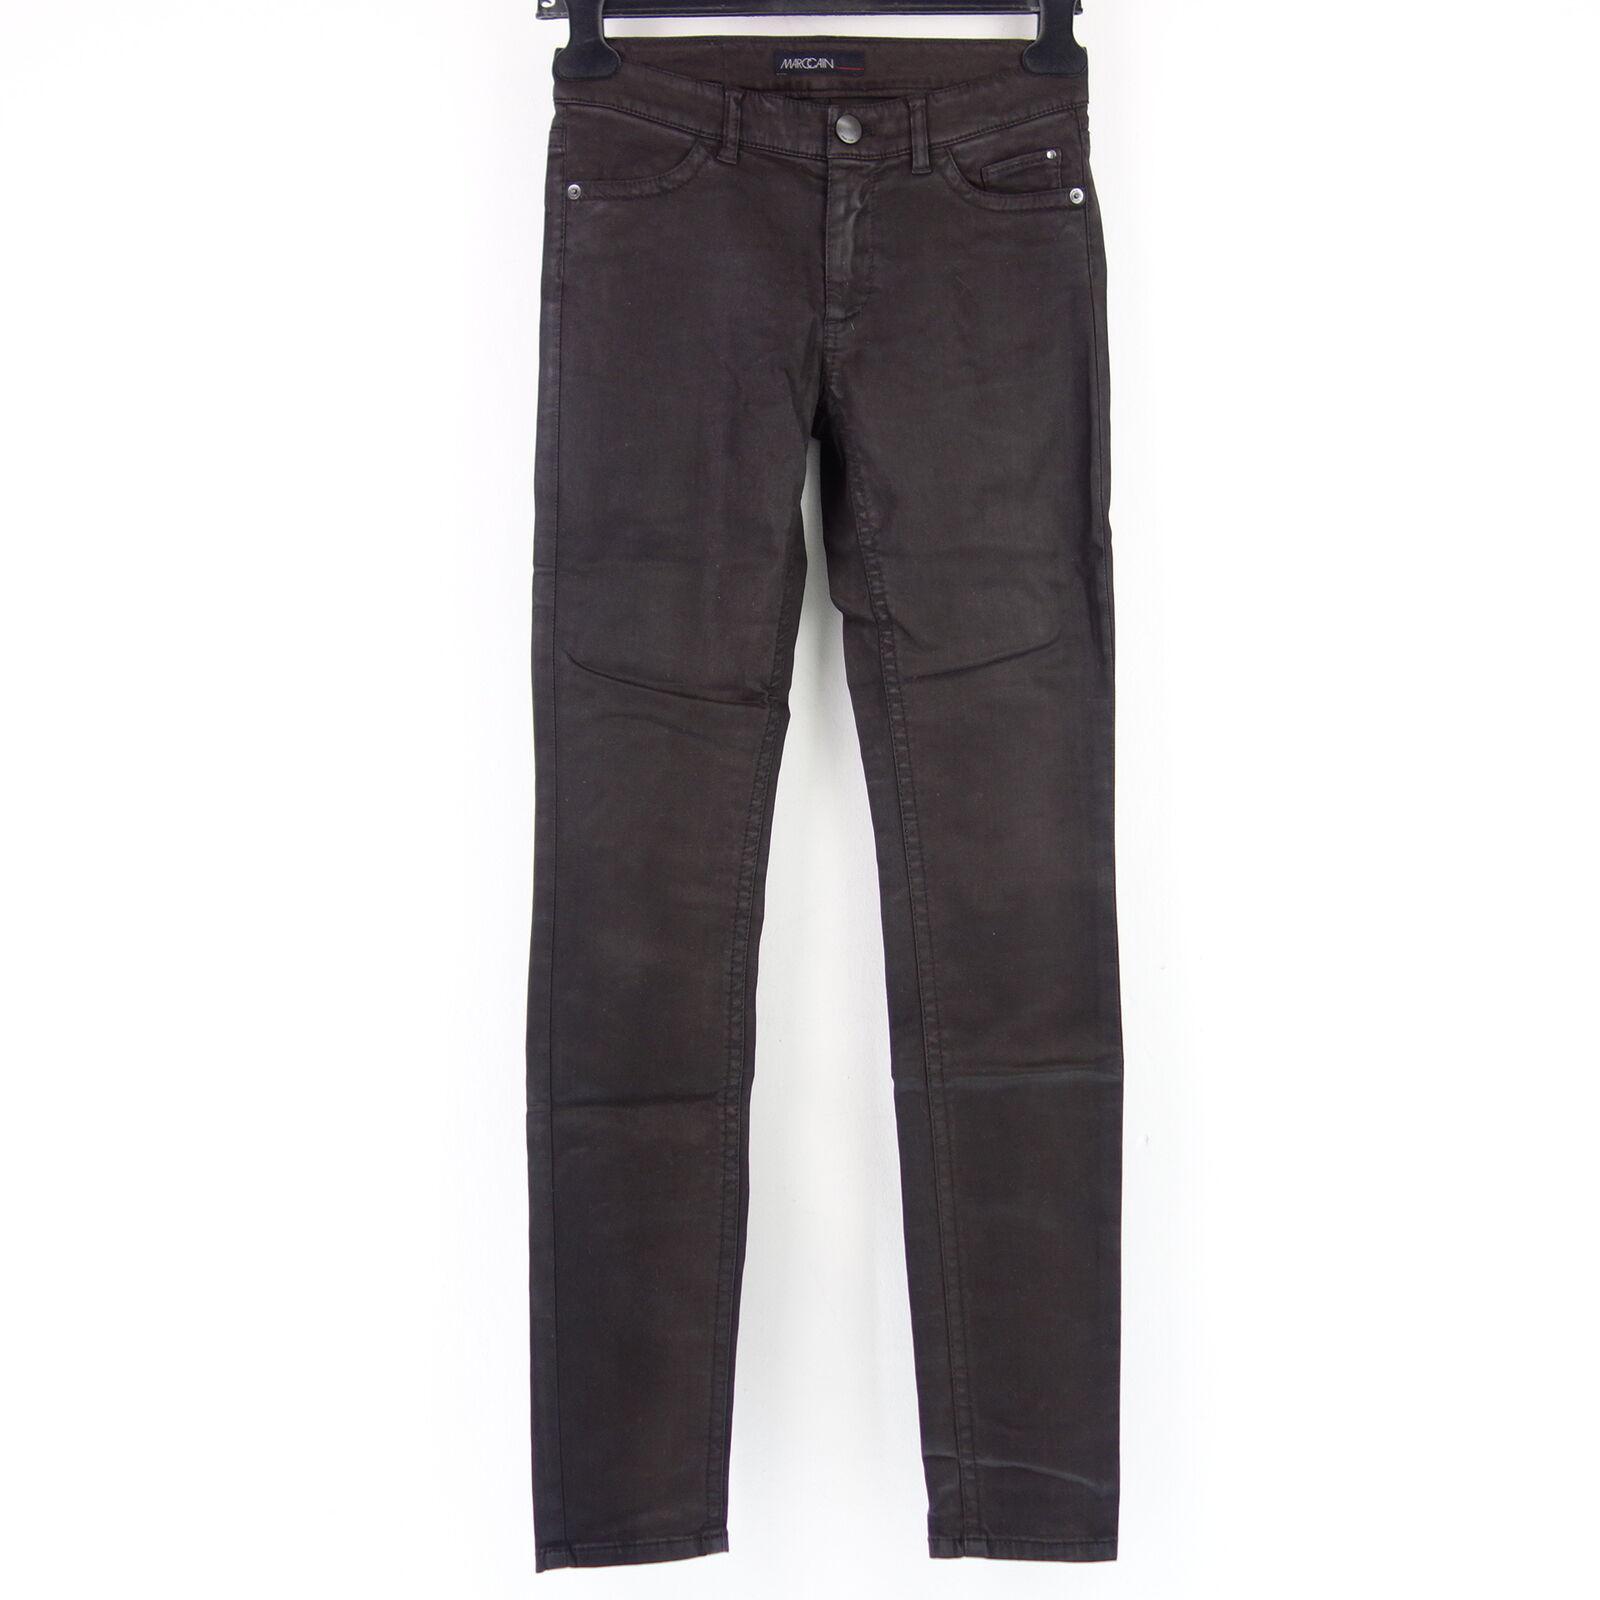 MARC CAIN Damen Jeans Hose FC8278 Gr N1 34 Schwarz Coating Lederlook NP 179 NEU